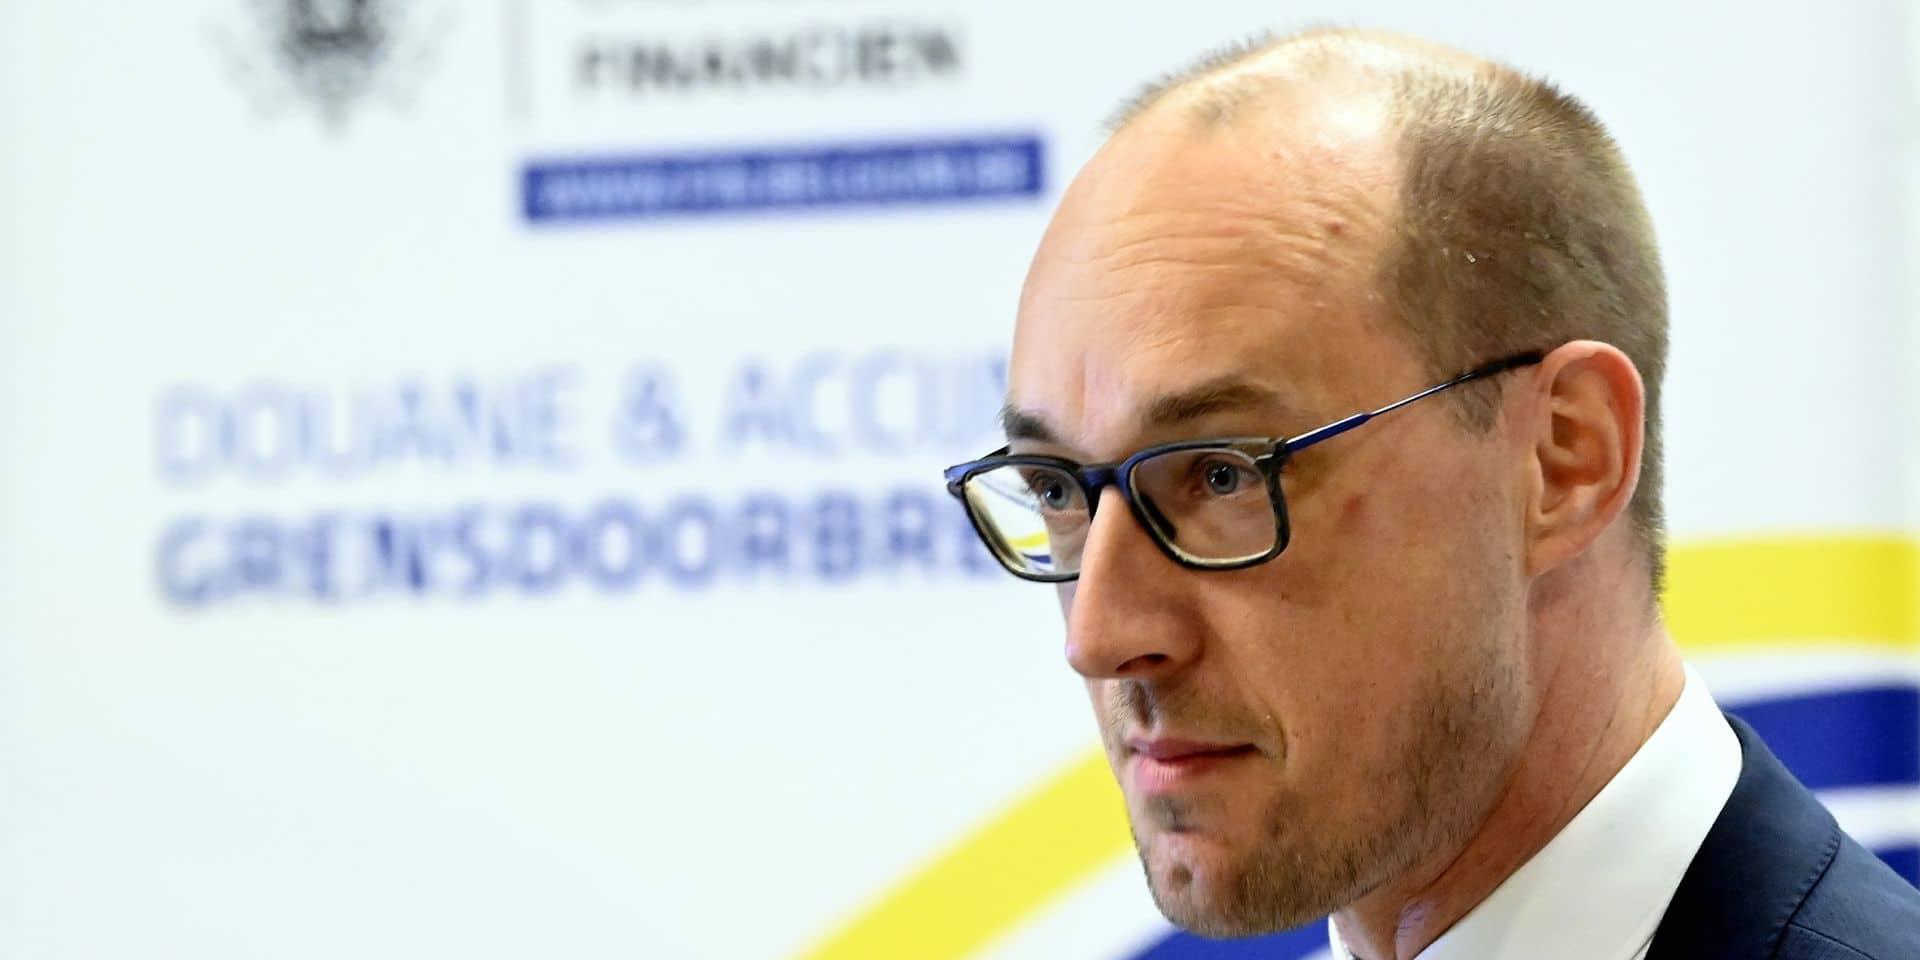 Pour le ministre des Finances, Vincent Van Peteghem (CD&V), tout dépend de la façon dont les assureurs s'organisent en interne.